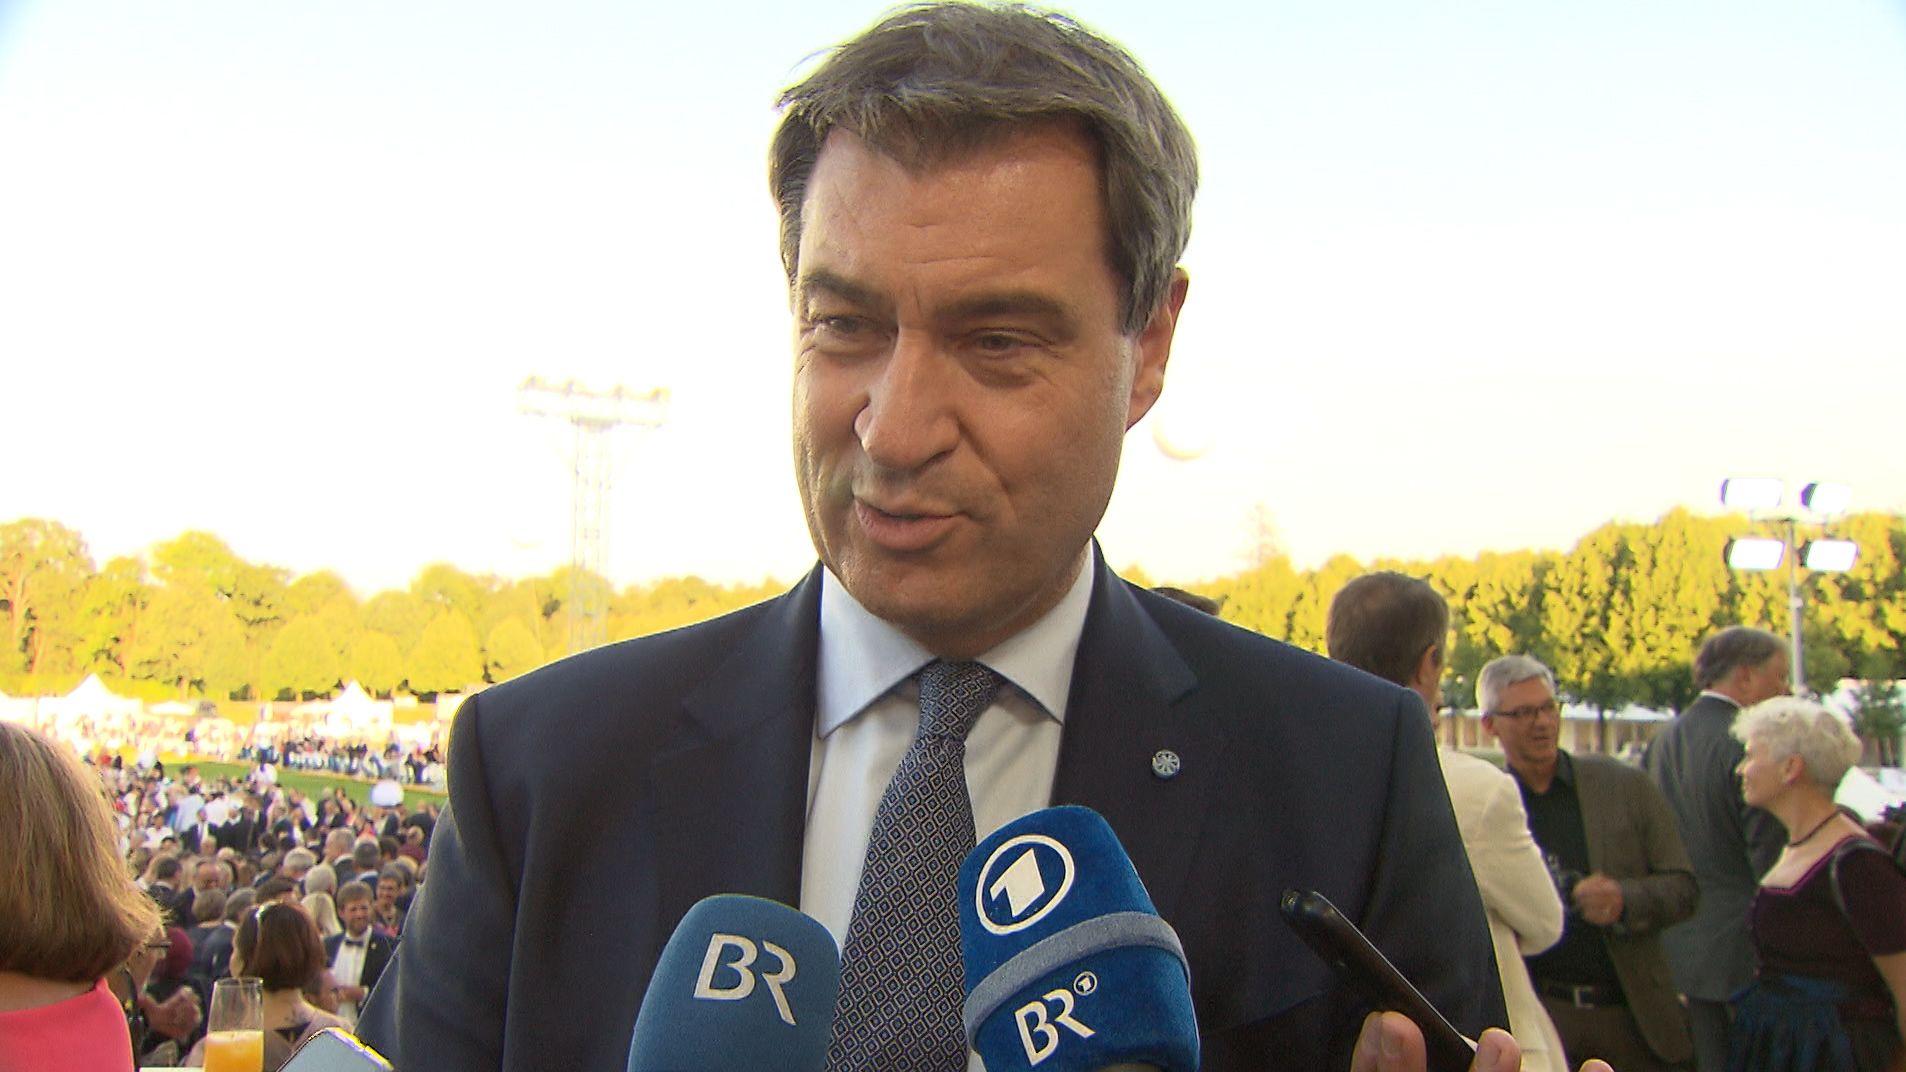 Markus Söder nach der Wahl von Ursula von der Leyen zur EU-Kommissionspräsidentin.